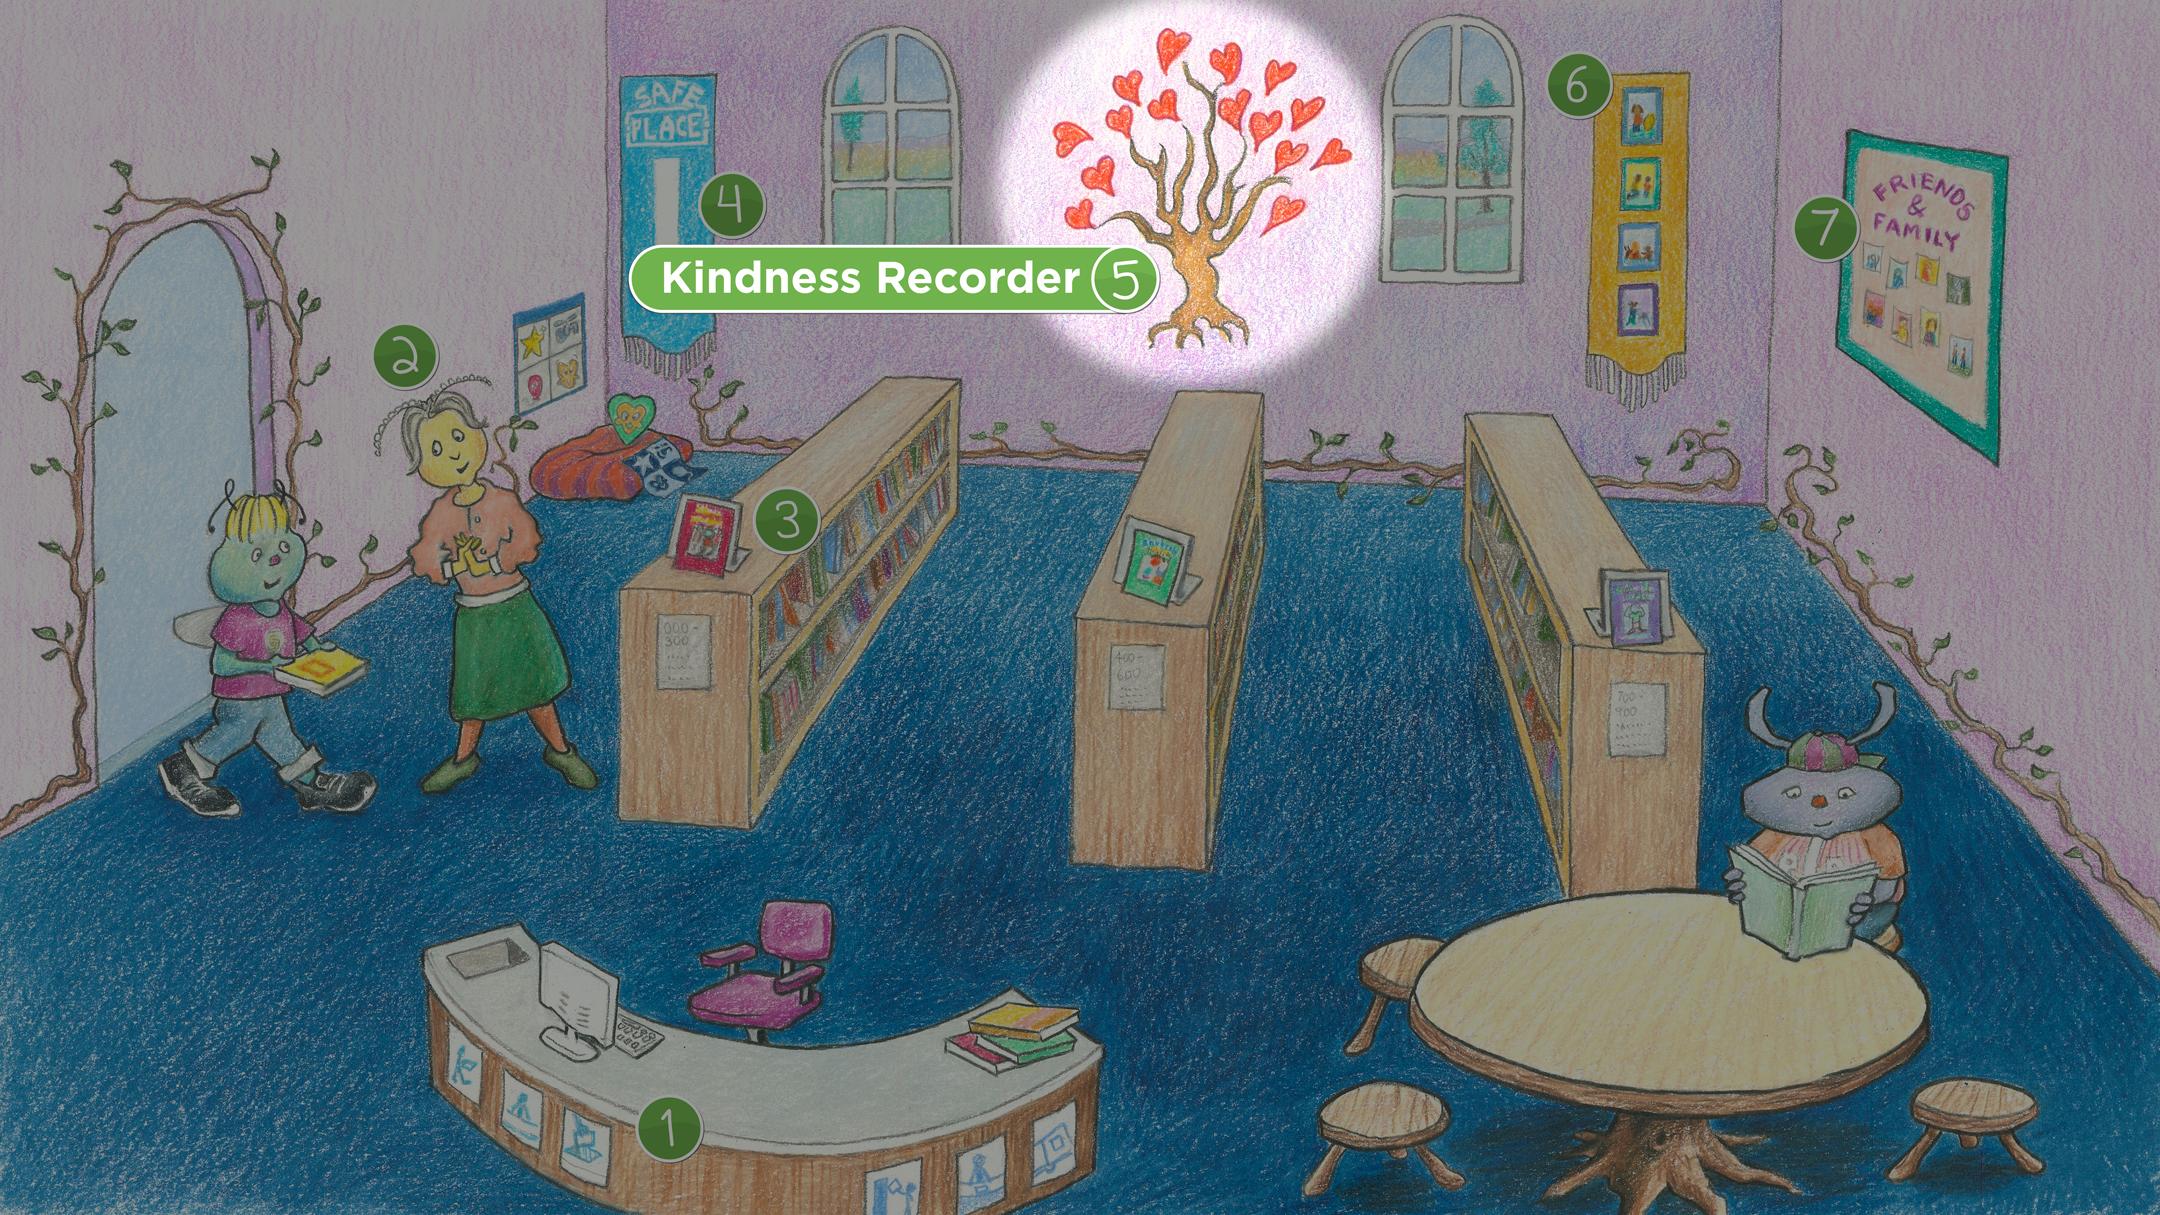 Media Center: Kindness Recorder